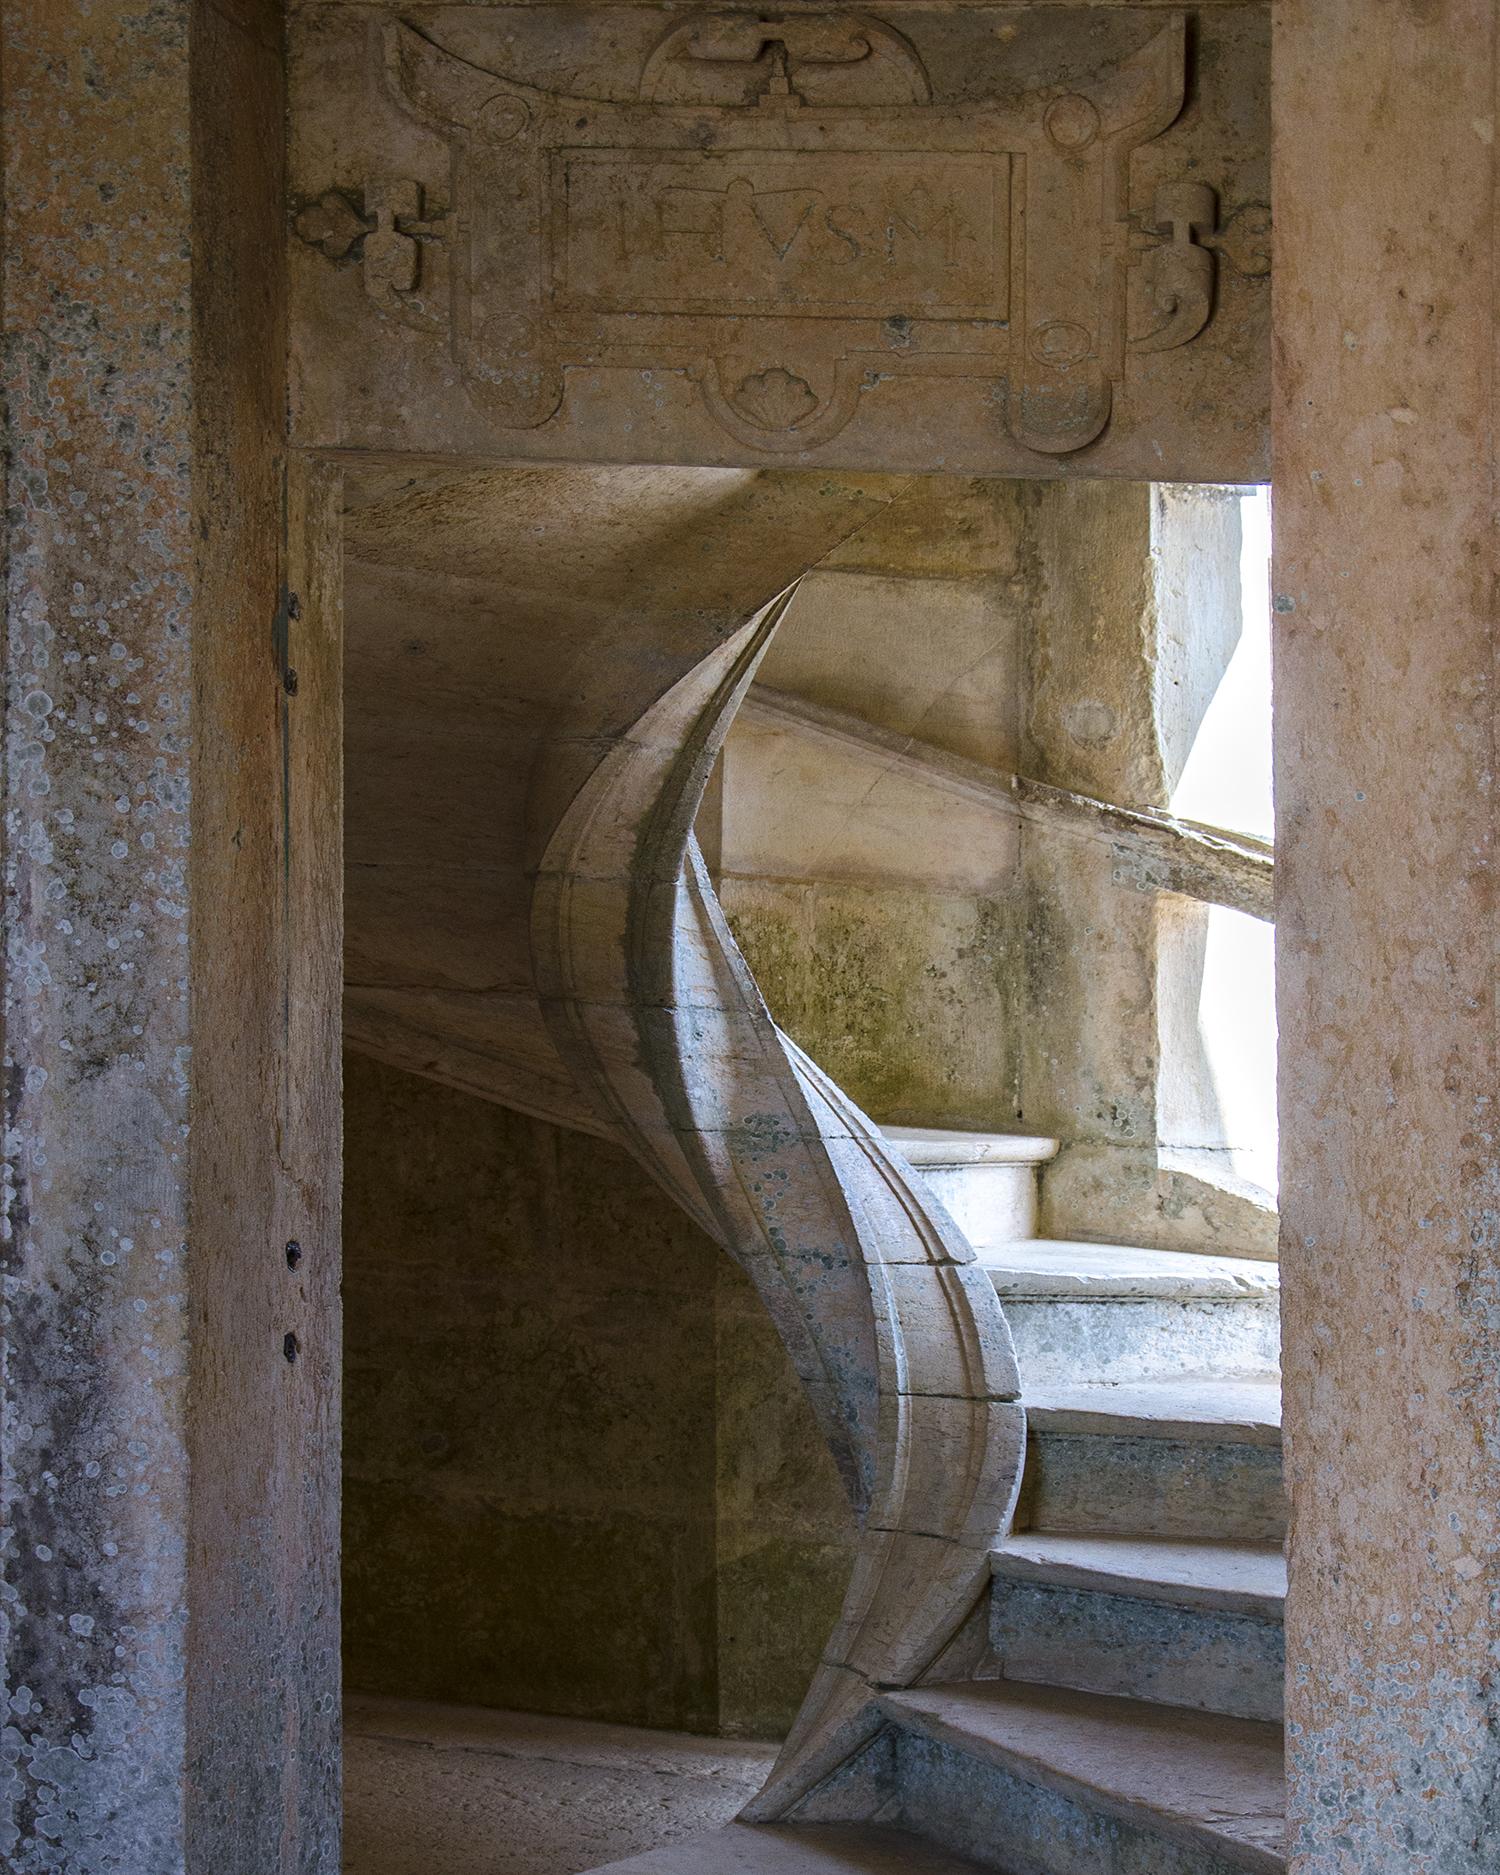 scala a chiocciola convento dell'ordine di cristo Tomar-6819.jpg